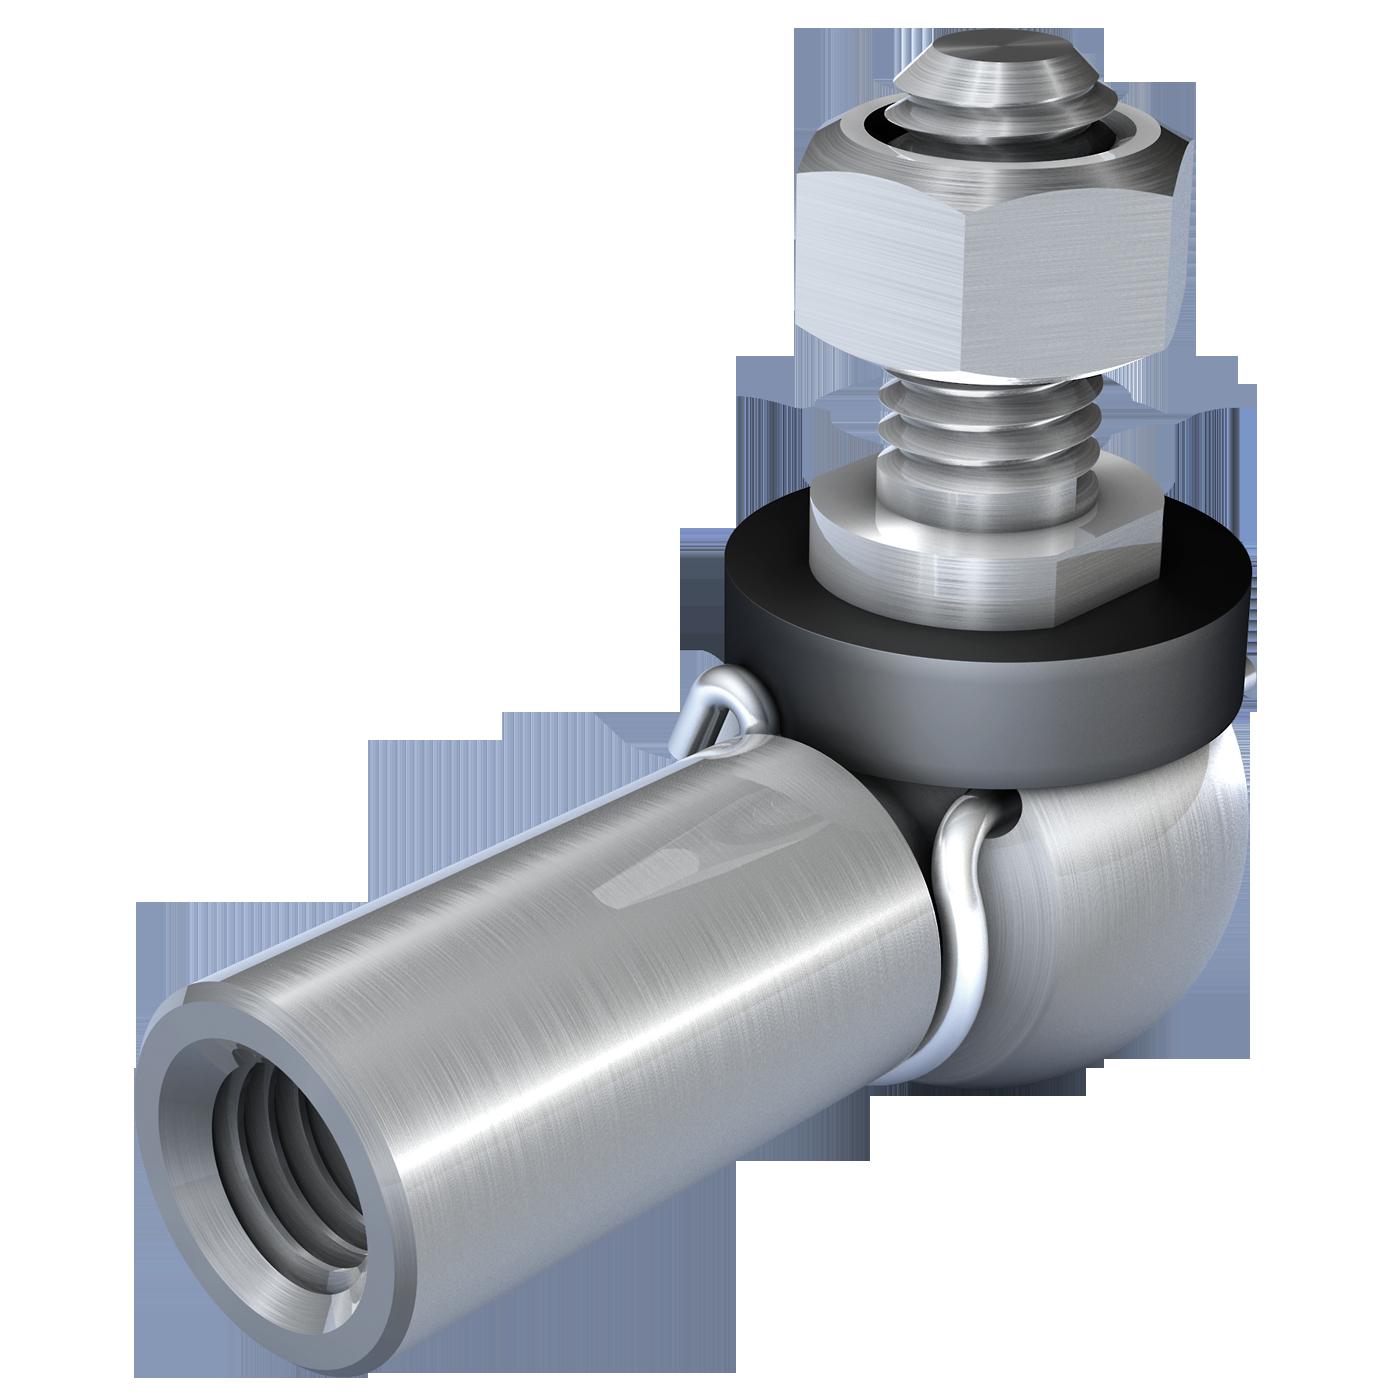 mbo Oßwald produziert Winkelgelenk mit Dichtkappe, Winkelgelenke mit Dichtkappe, ähnlich DIN 71802 Form CS. Angeboten werden diese in Automatenstahl oder Edelstahl 1.4305 und A4 Qualität, Edelstahl 1.4404.